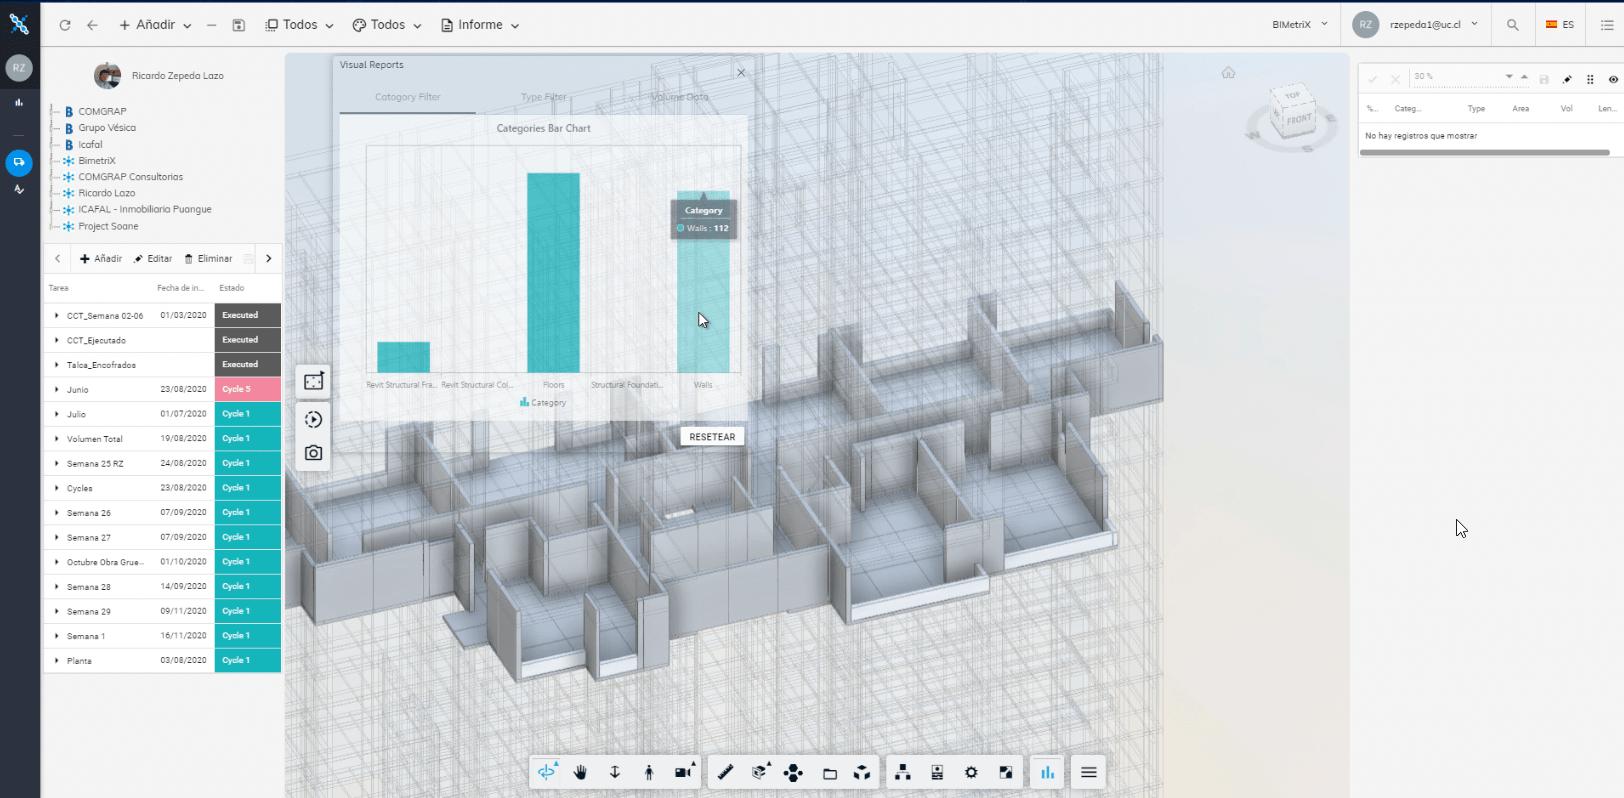 Filtering Data on a Particular Floor